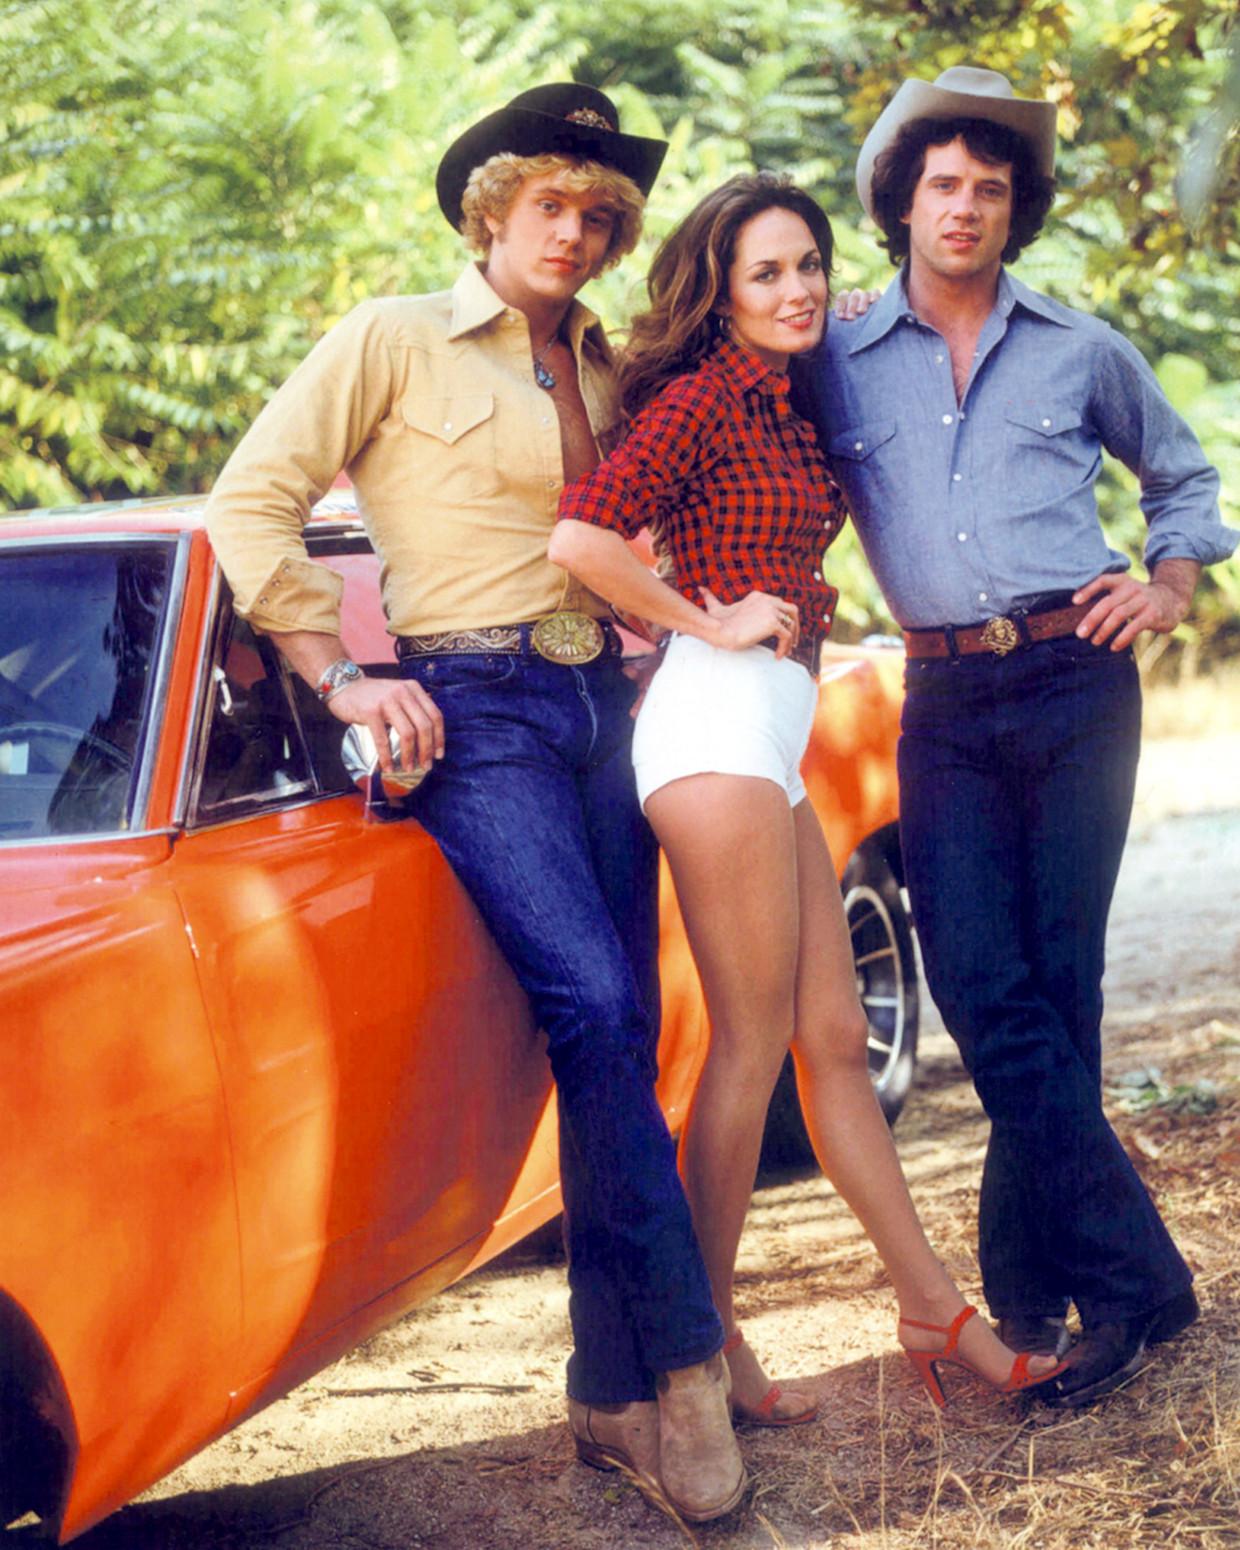 The Dukes of Hazzard, rond 1980, met  Daisy Duke in het midden. Haar superkort afgeknipte jeans werden een soortnaam: daisydukes. Beeld Getty